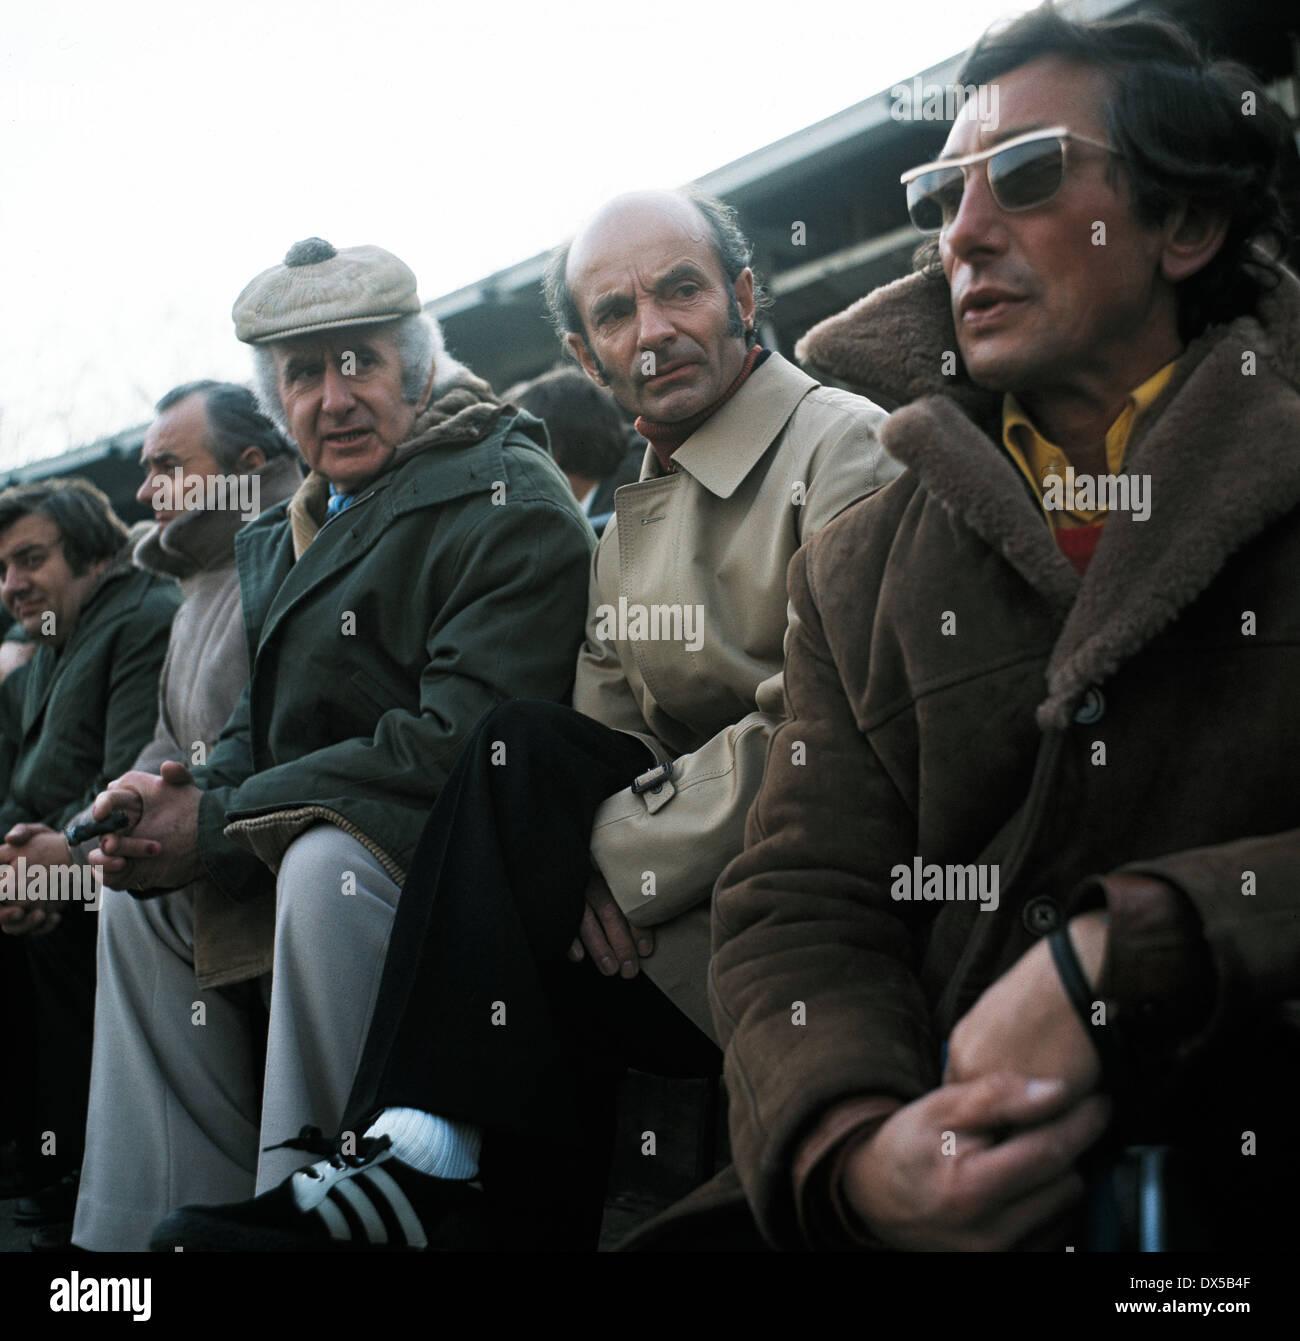 football, Bundesliga, 1974/1975, Radrennbahn Muengersdorf, 1. FC Cologne versus FC Bayern Munich 1:0, coaching bench Munich, Manager Robert Schwan left and coach Dettmar Cramer - Stock Image